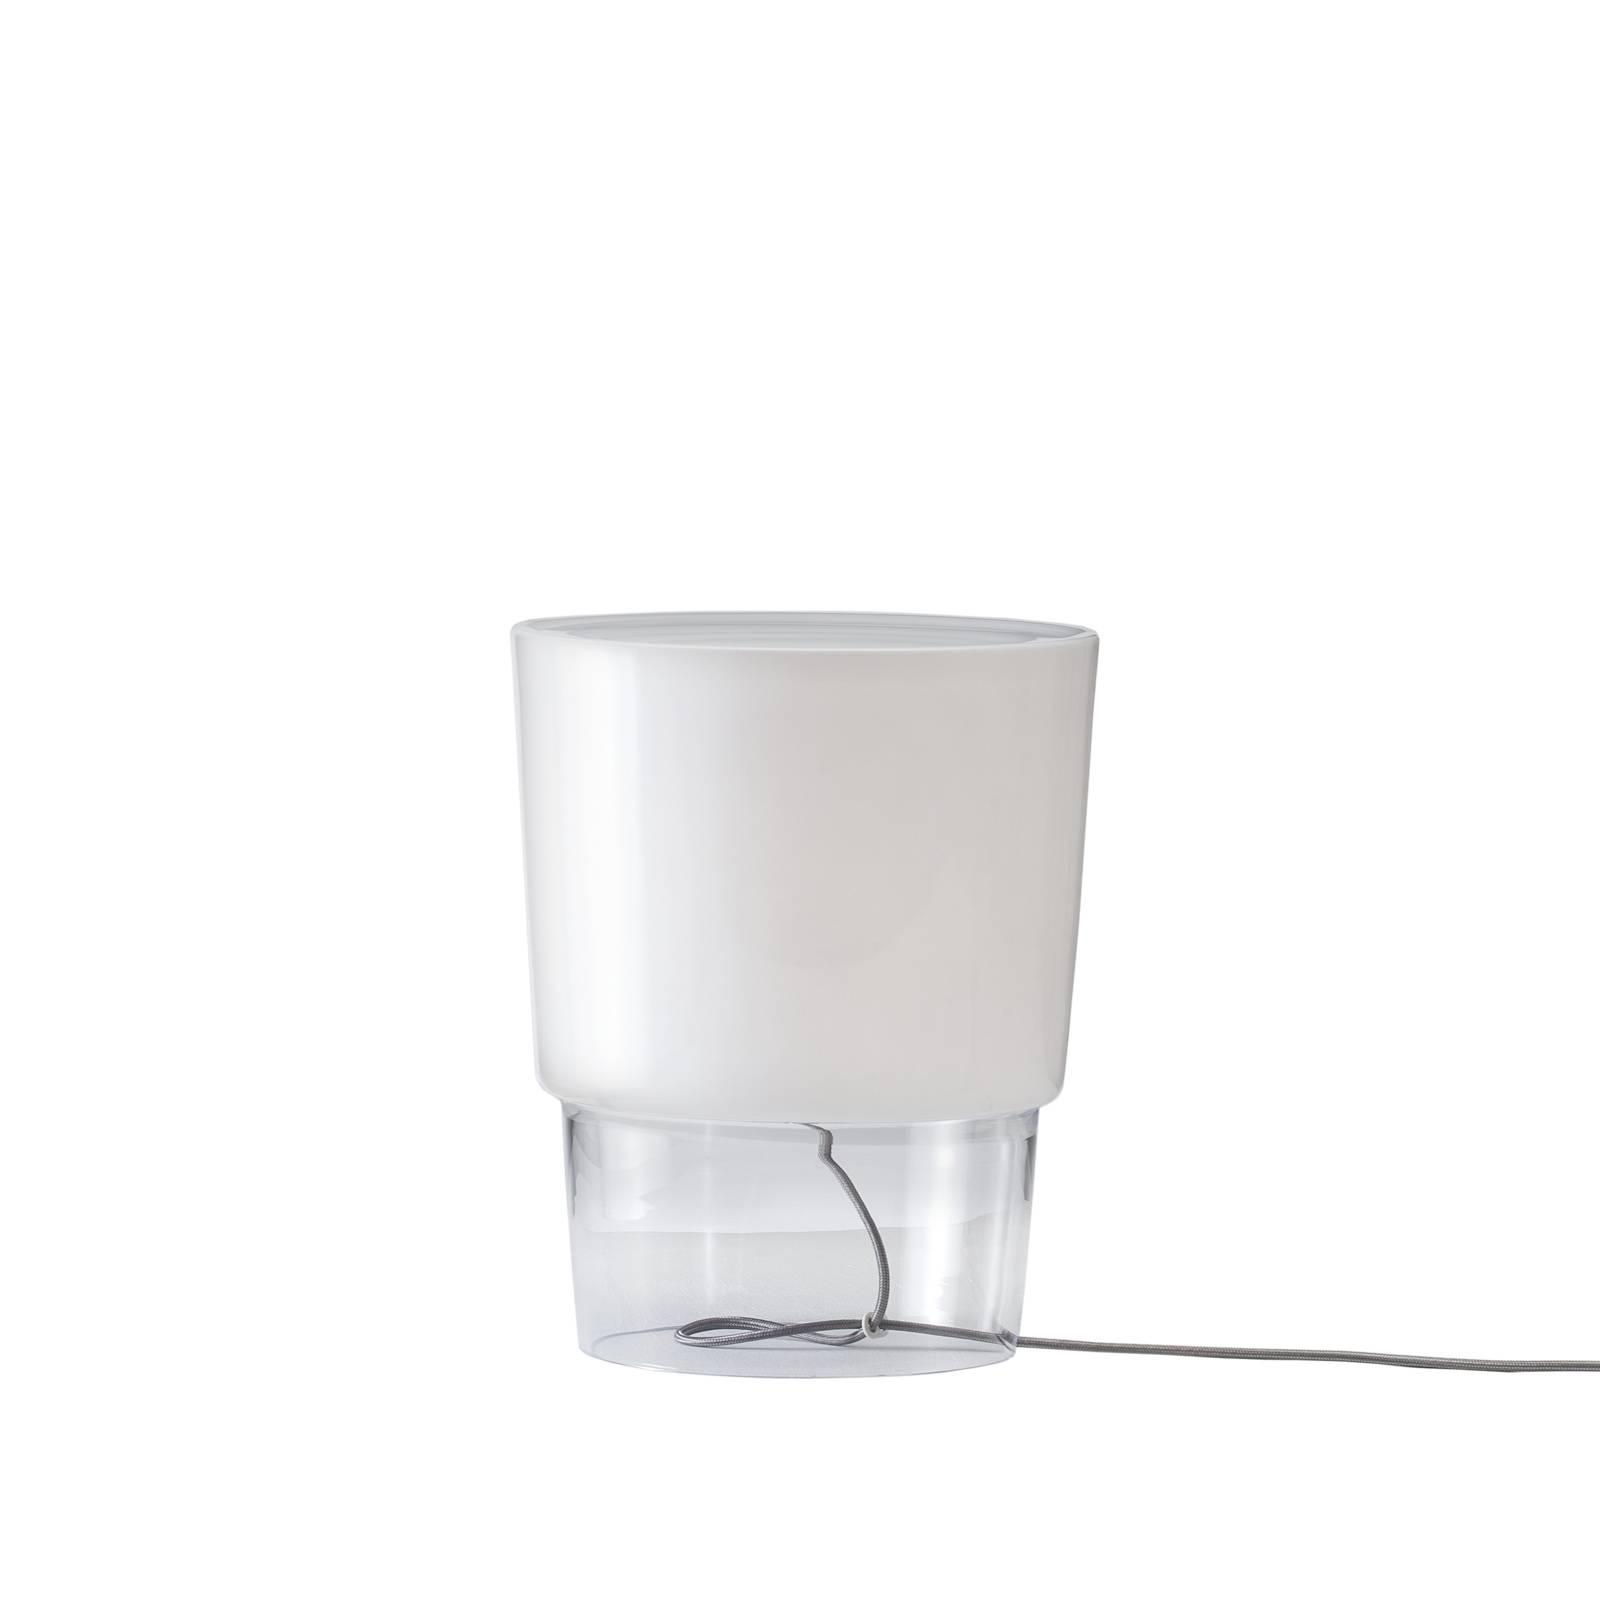 Prandina Vestale T3-pöytävalaisin valkoinen/kirkas